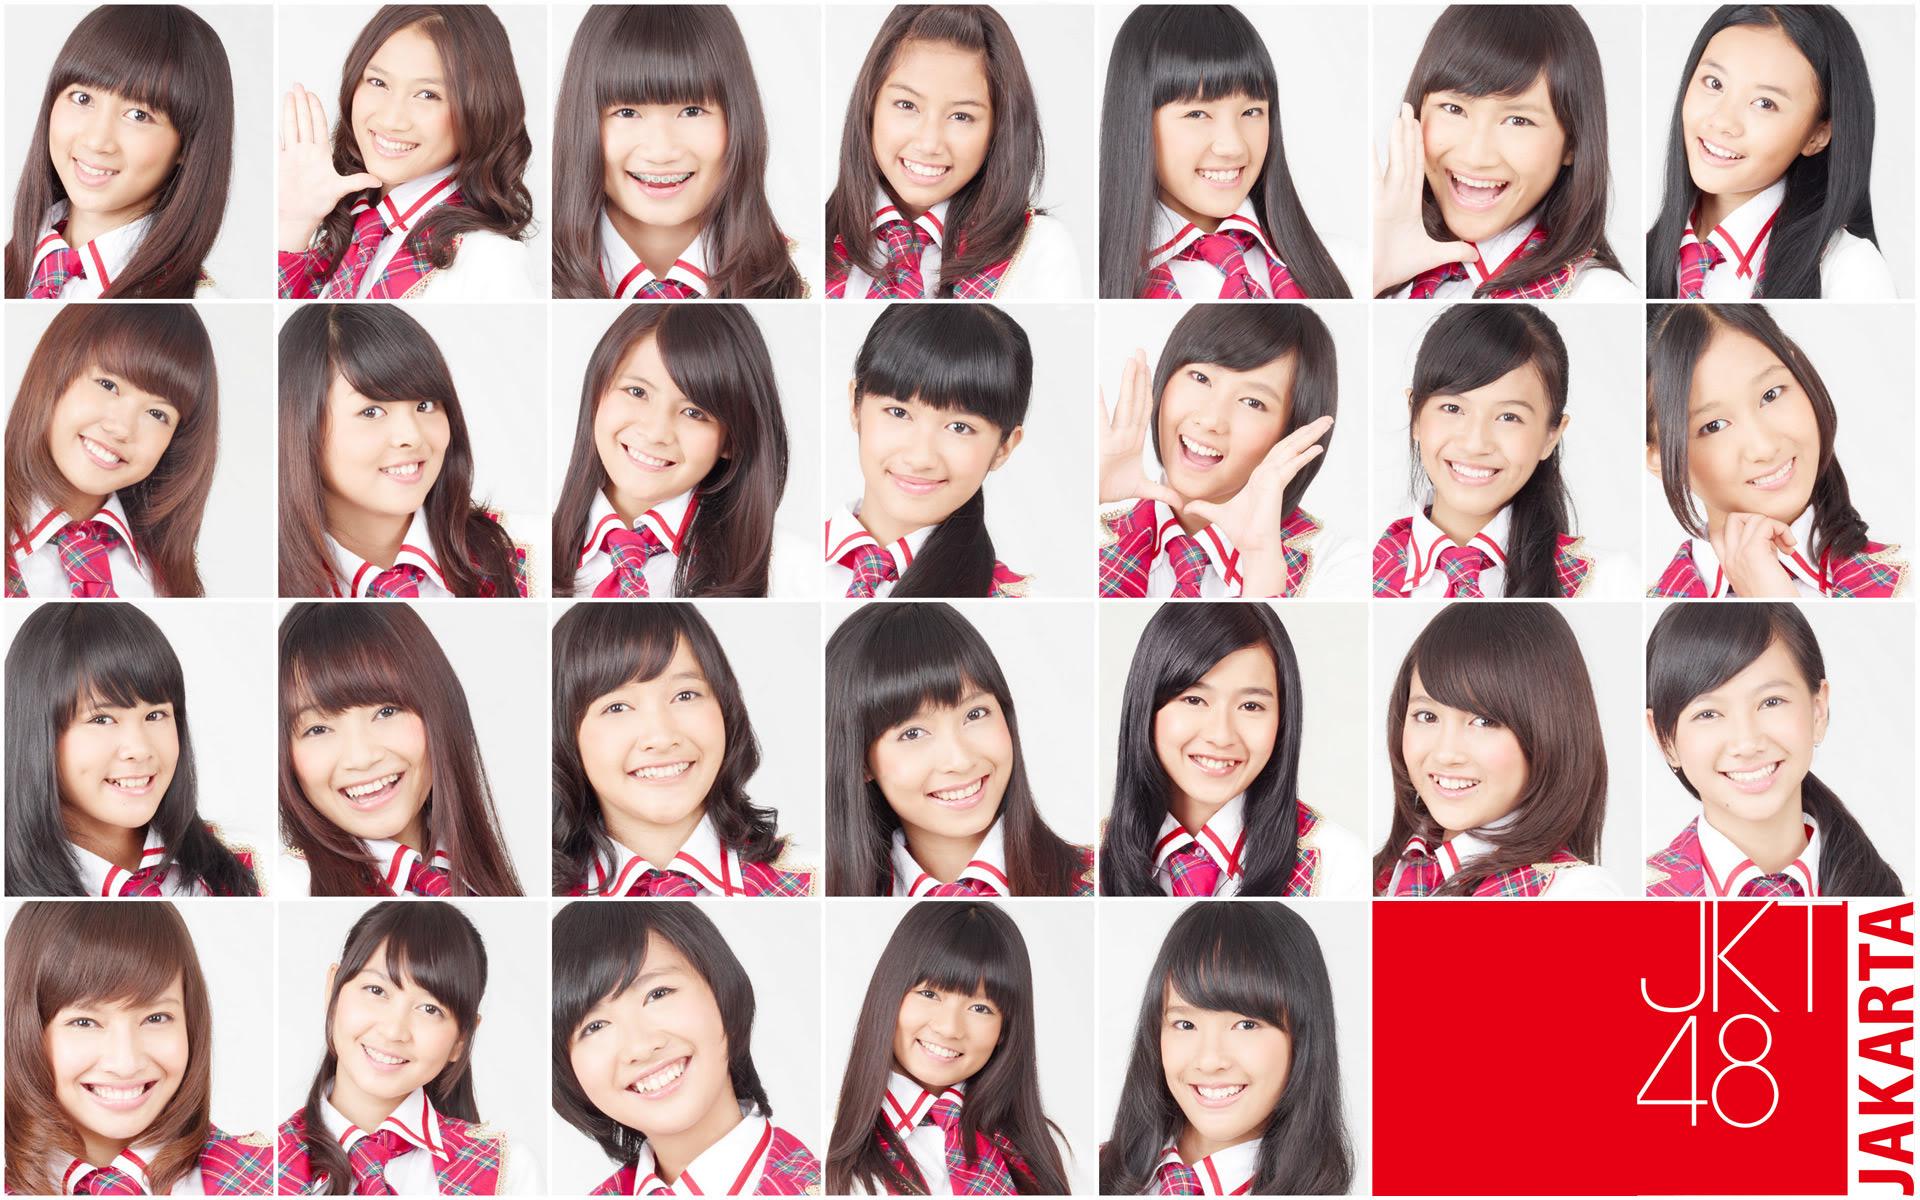 JKT48 HD Wallpaper 40146   Asiachan KPOP Image Board 1920x1200